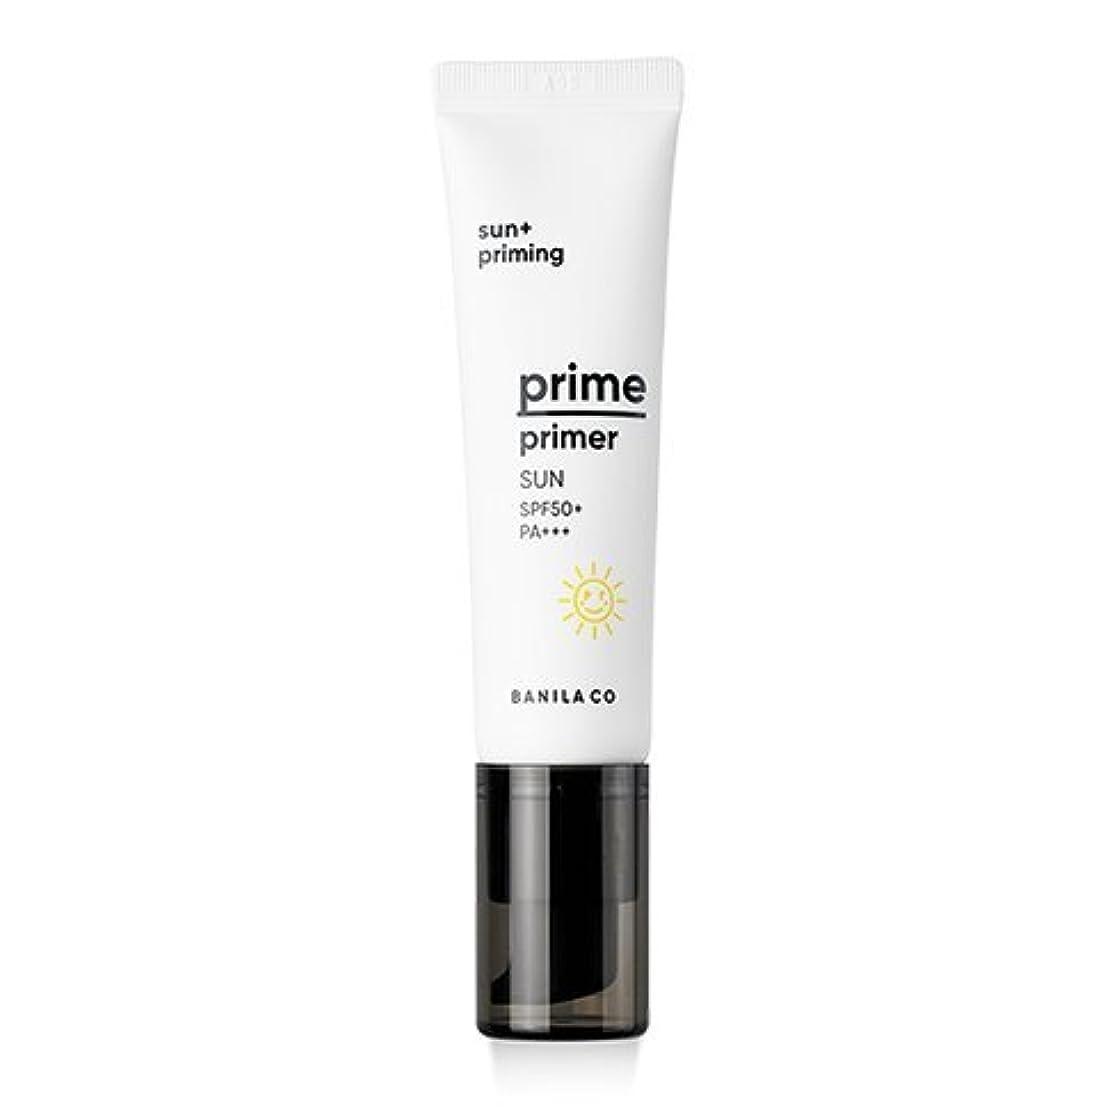 備品驚反対した[Renewal] BANILA CO Prime Primer Sun 30ml/バニラコ プライム プライマー サン 30ml [並行輸入品]